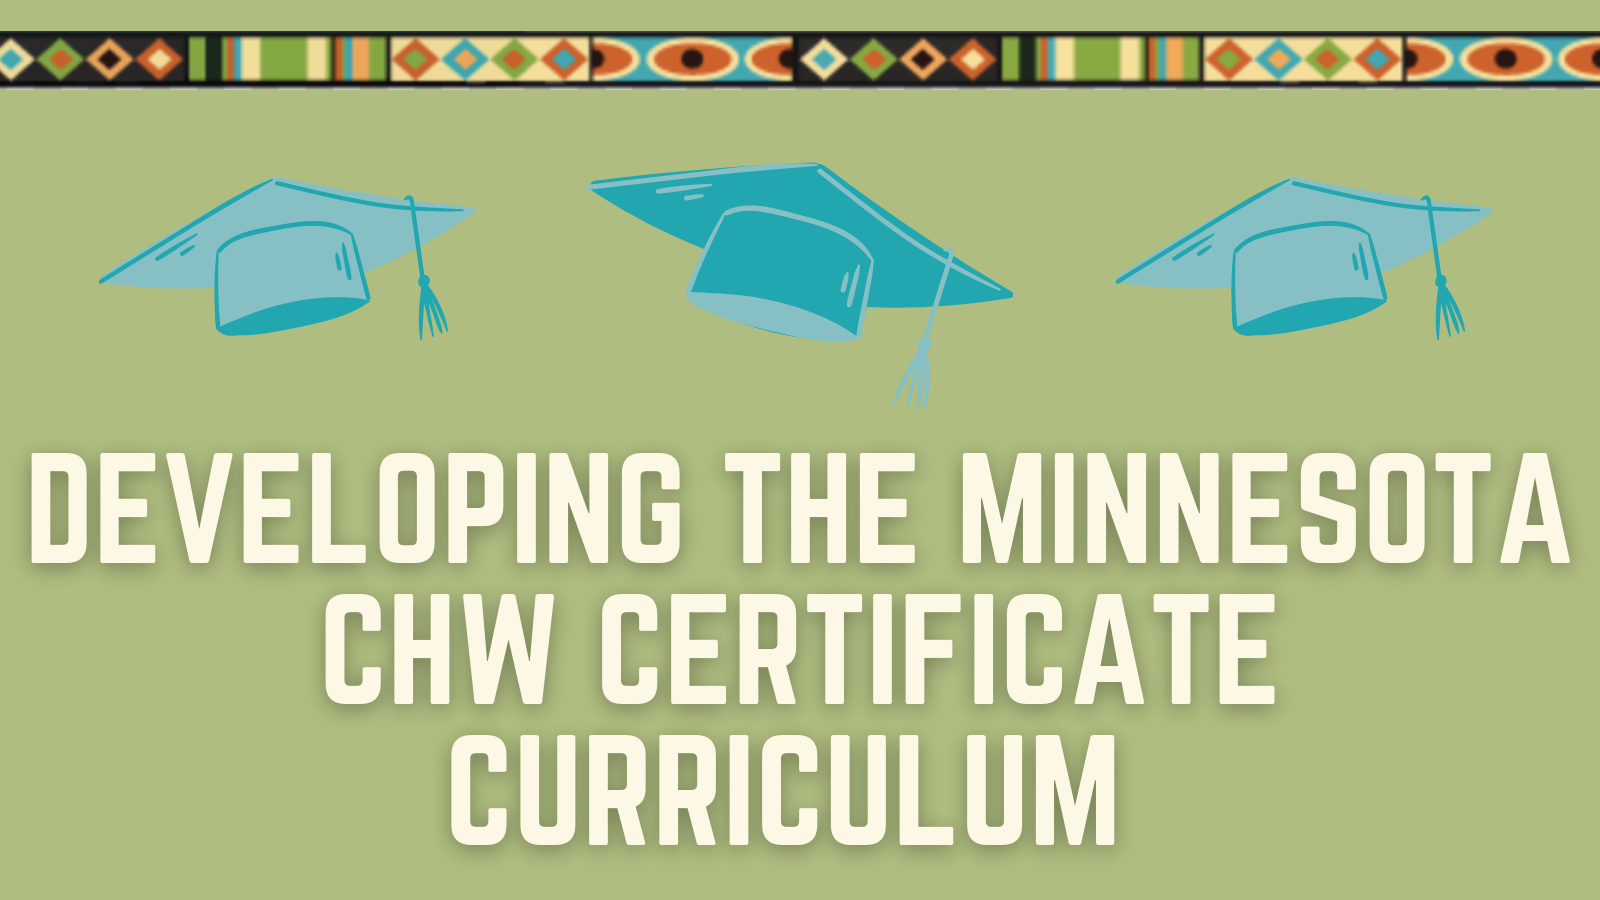 CHW Curriculum